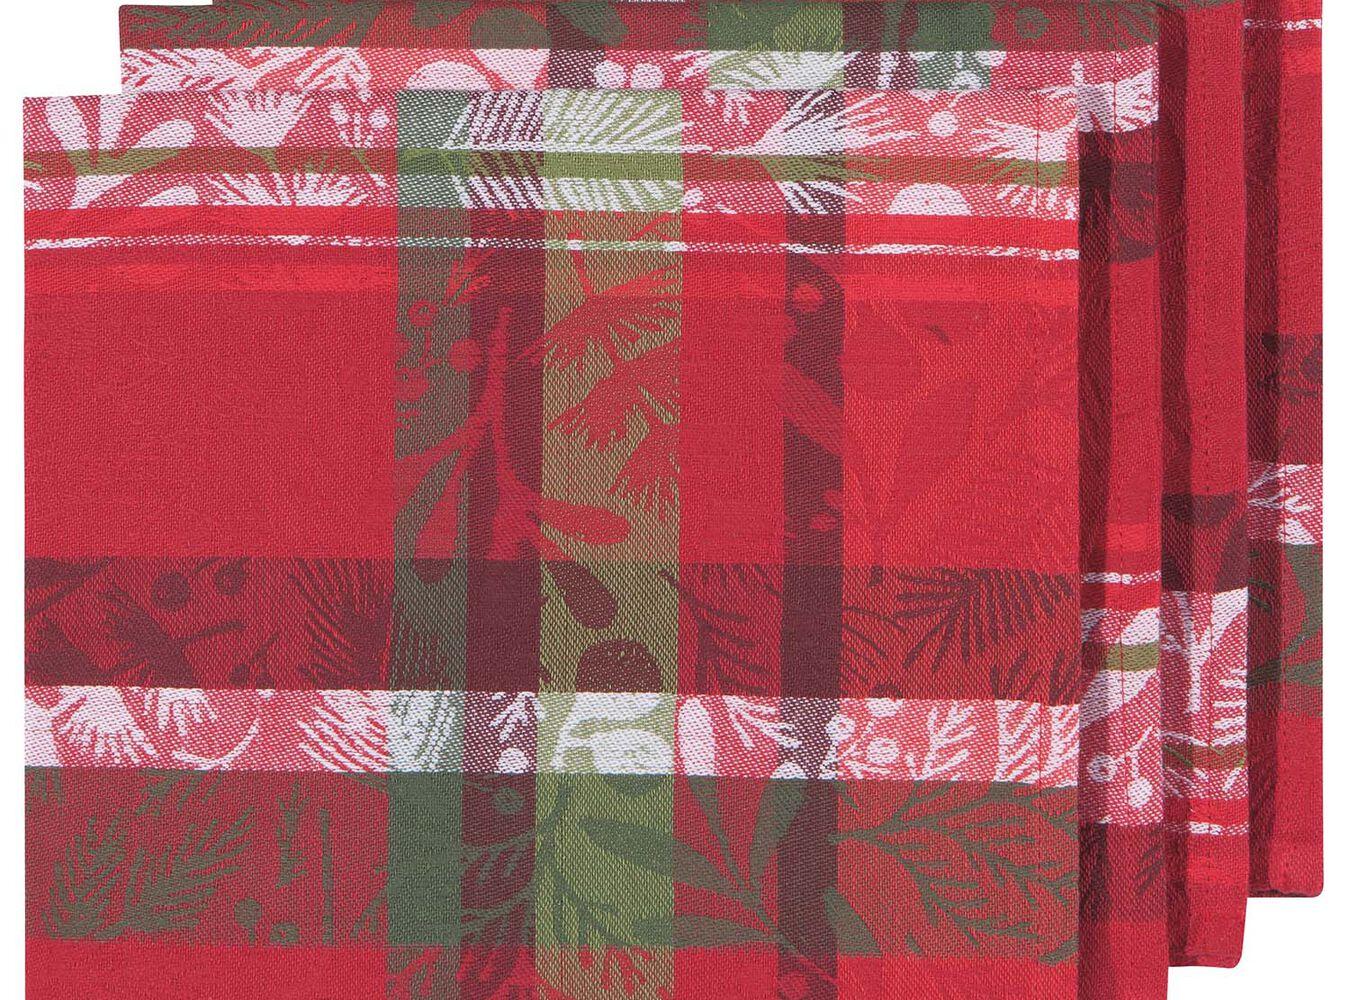 Jacquard Festive Forest Napkins, Set of 4 | Sur La Table